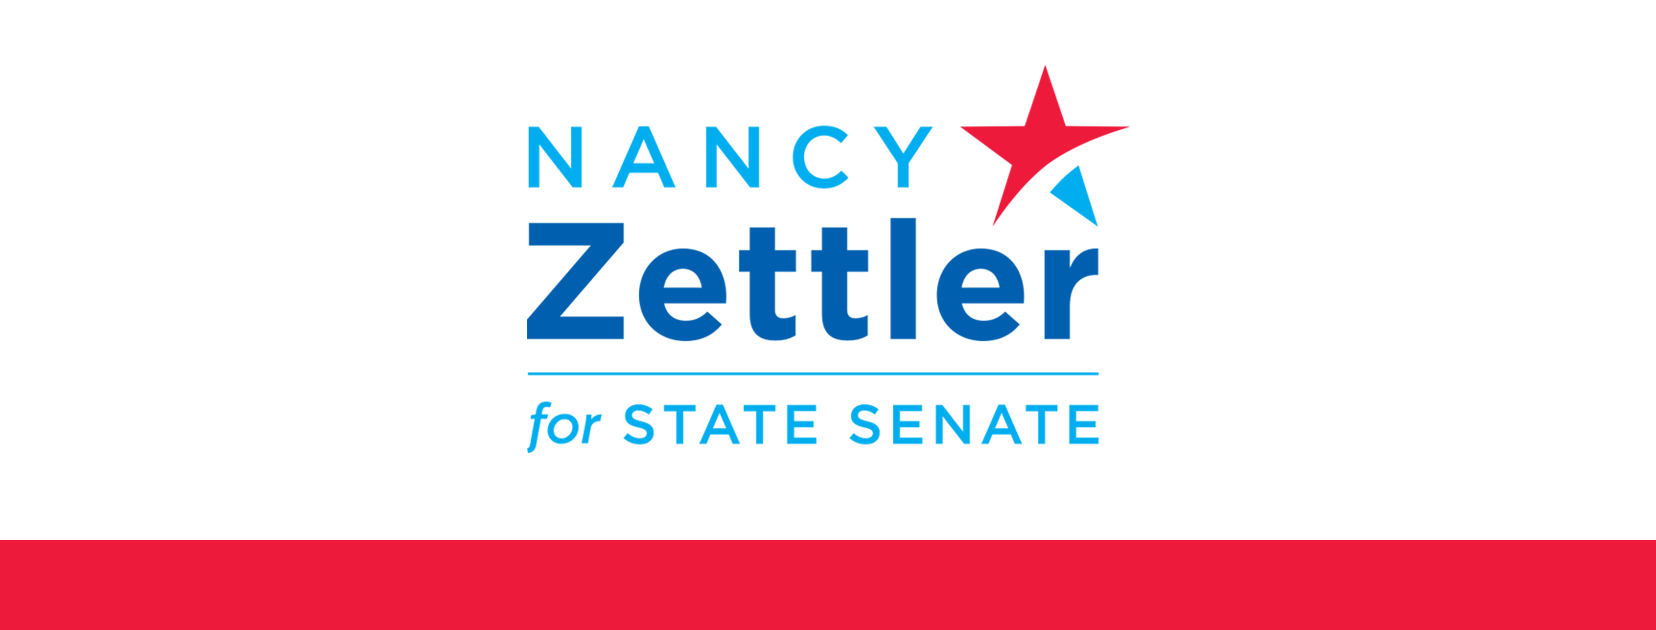 Nancy Zettler for Illinois